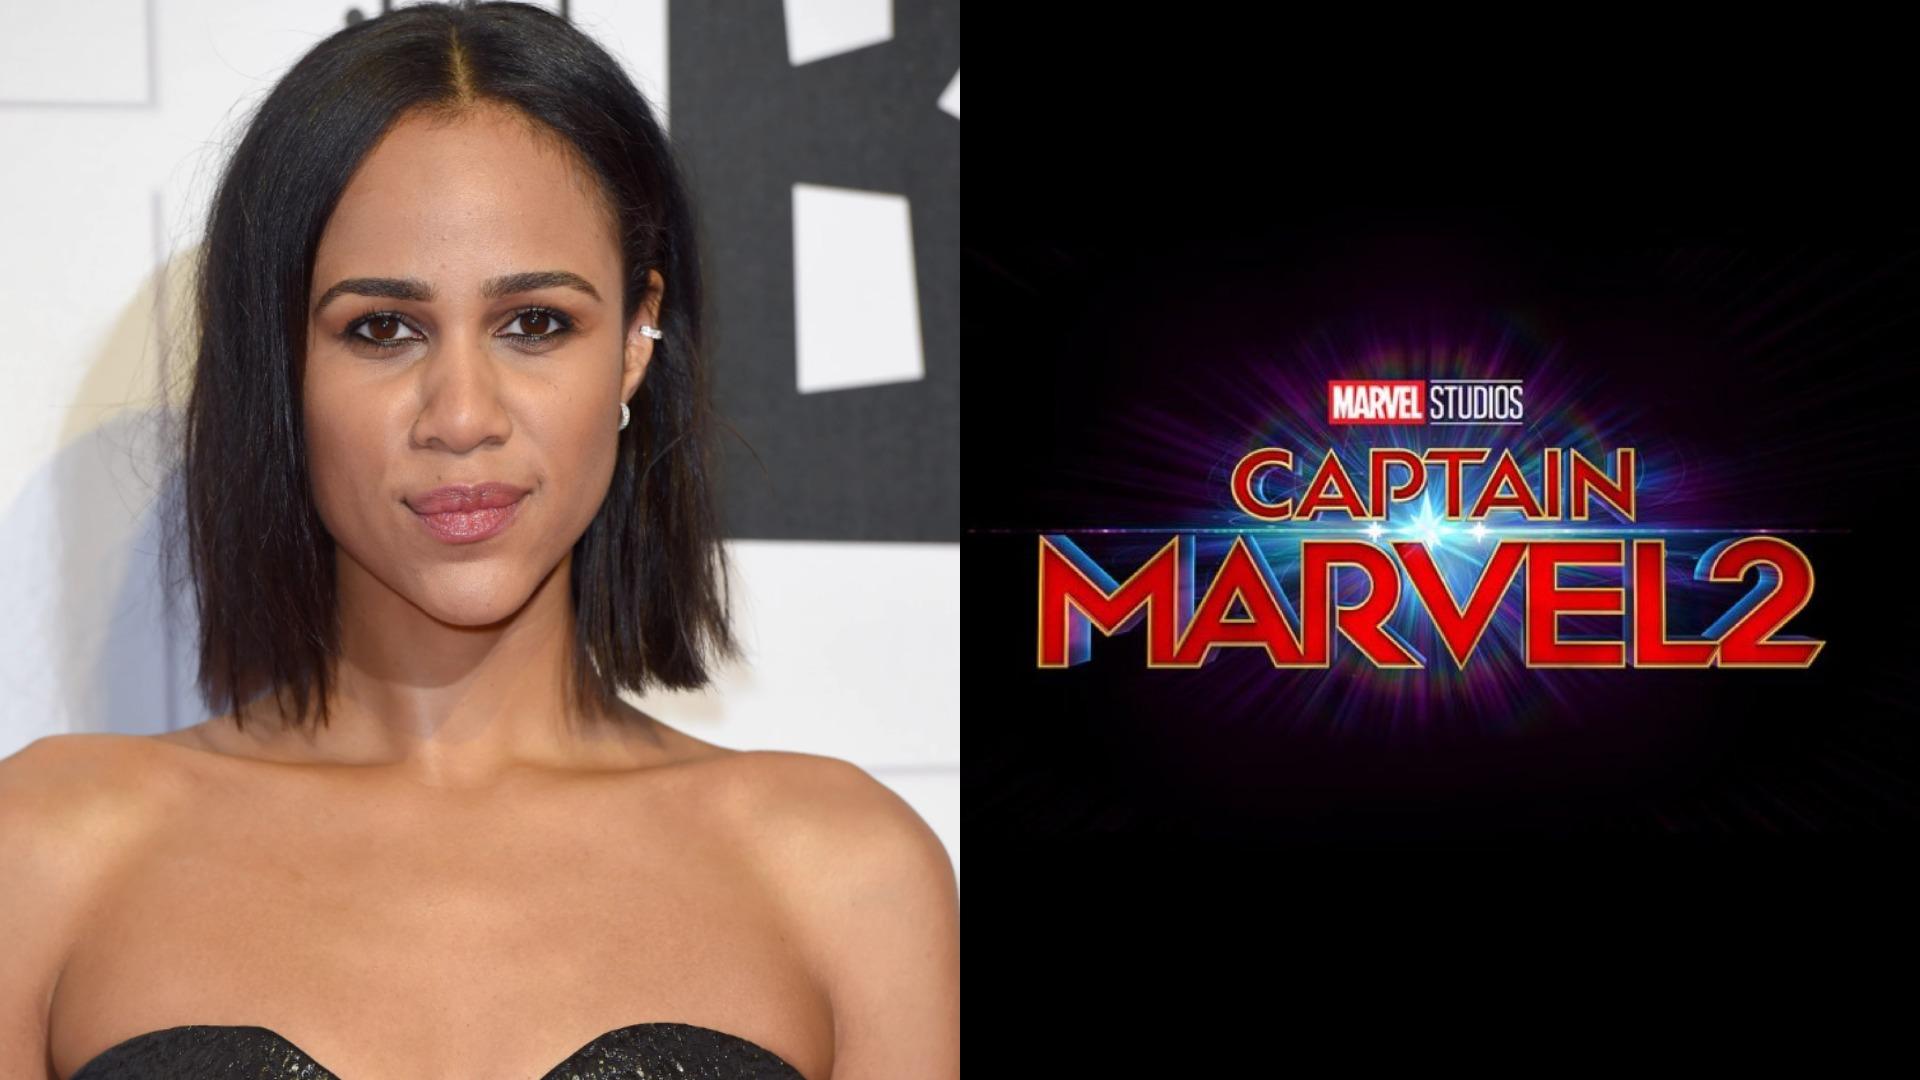 Captain Marvel 20 Zawe Ashton Cast As Villain For Sequel At Marvel ...